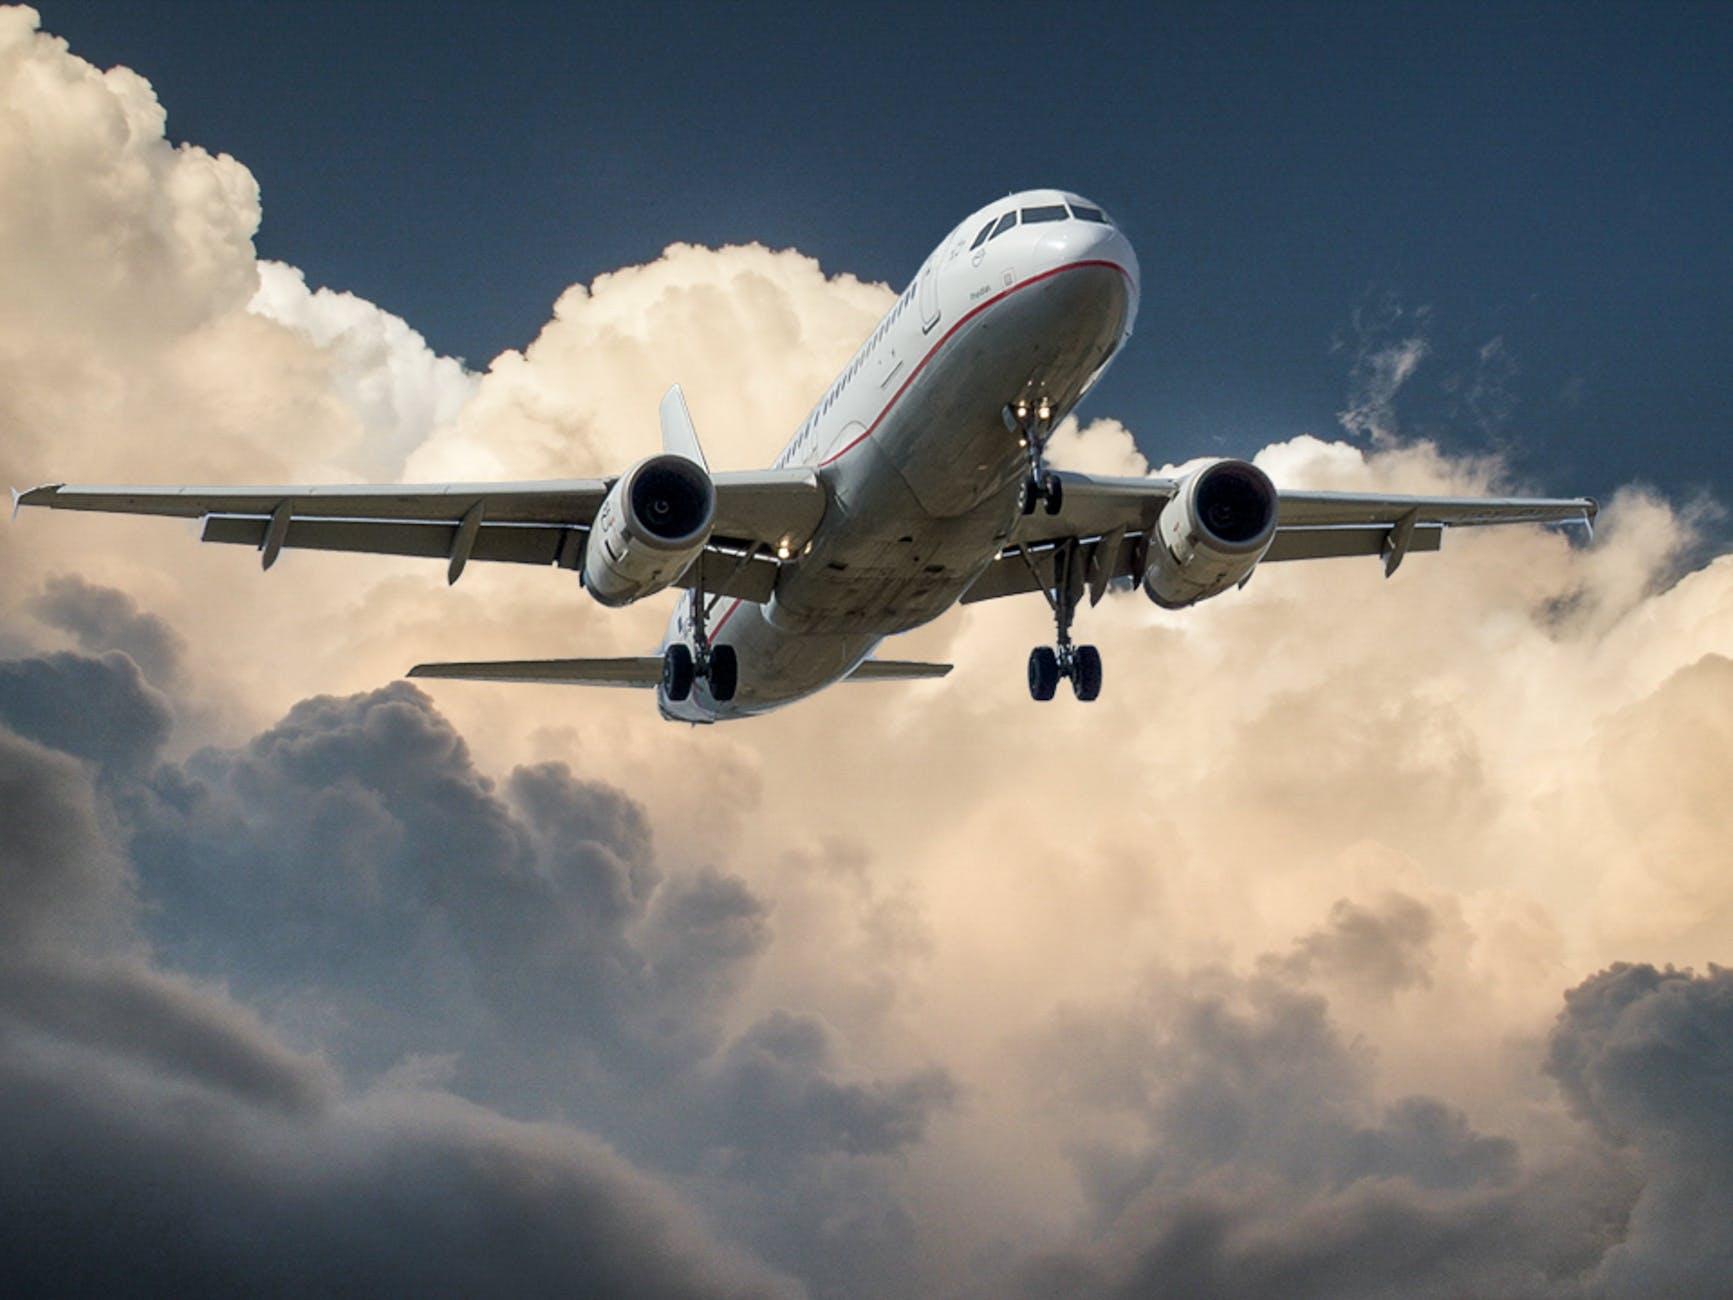 Flugzeug - Quelle: Pexels